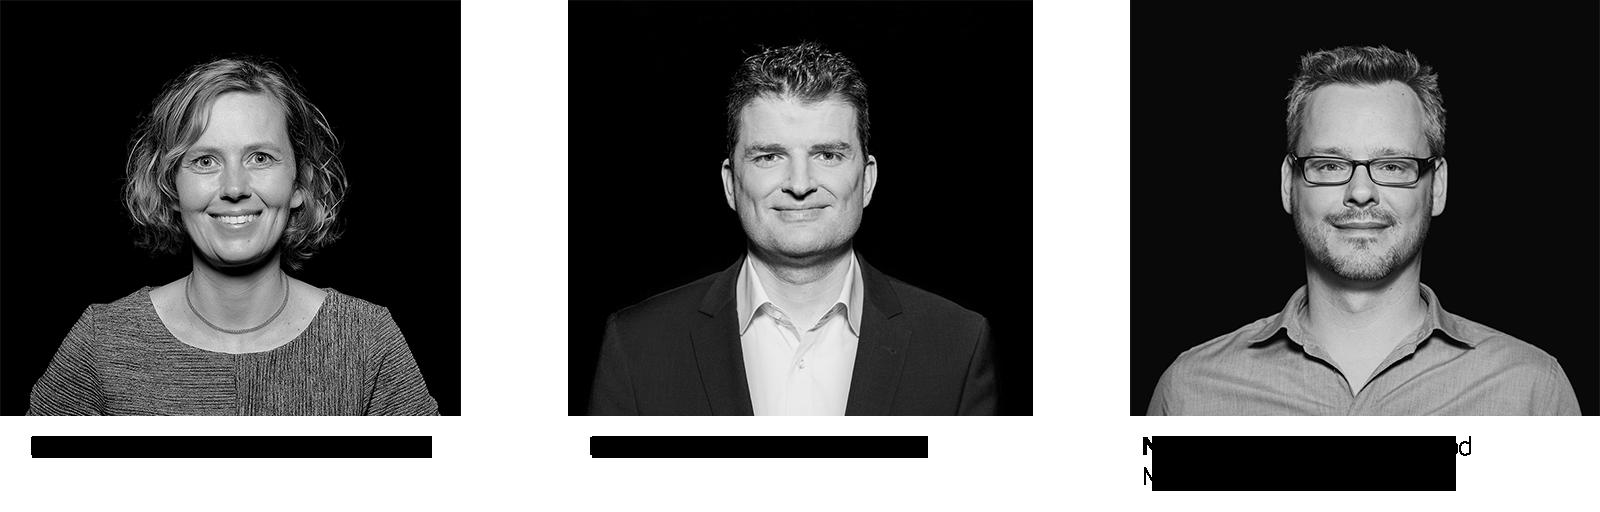 Kathrin Franck, Standortleiterin Berlin, Rainer Vehns, Gründer und CEO von codecentric und Nick Prosch, Head of Feelgood Management